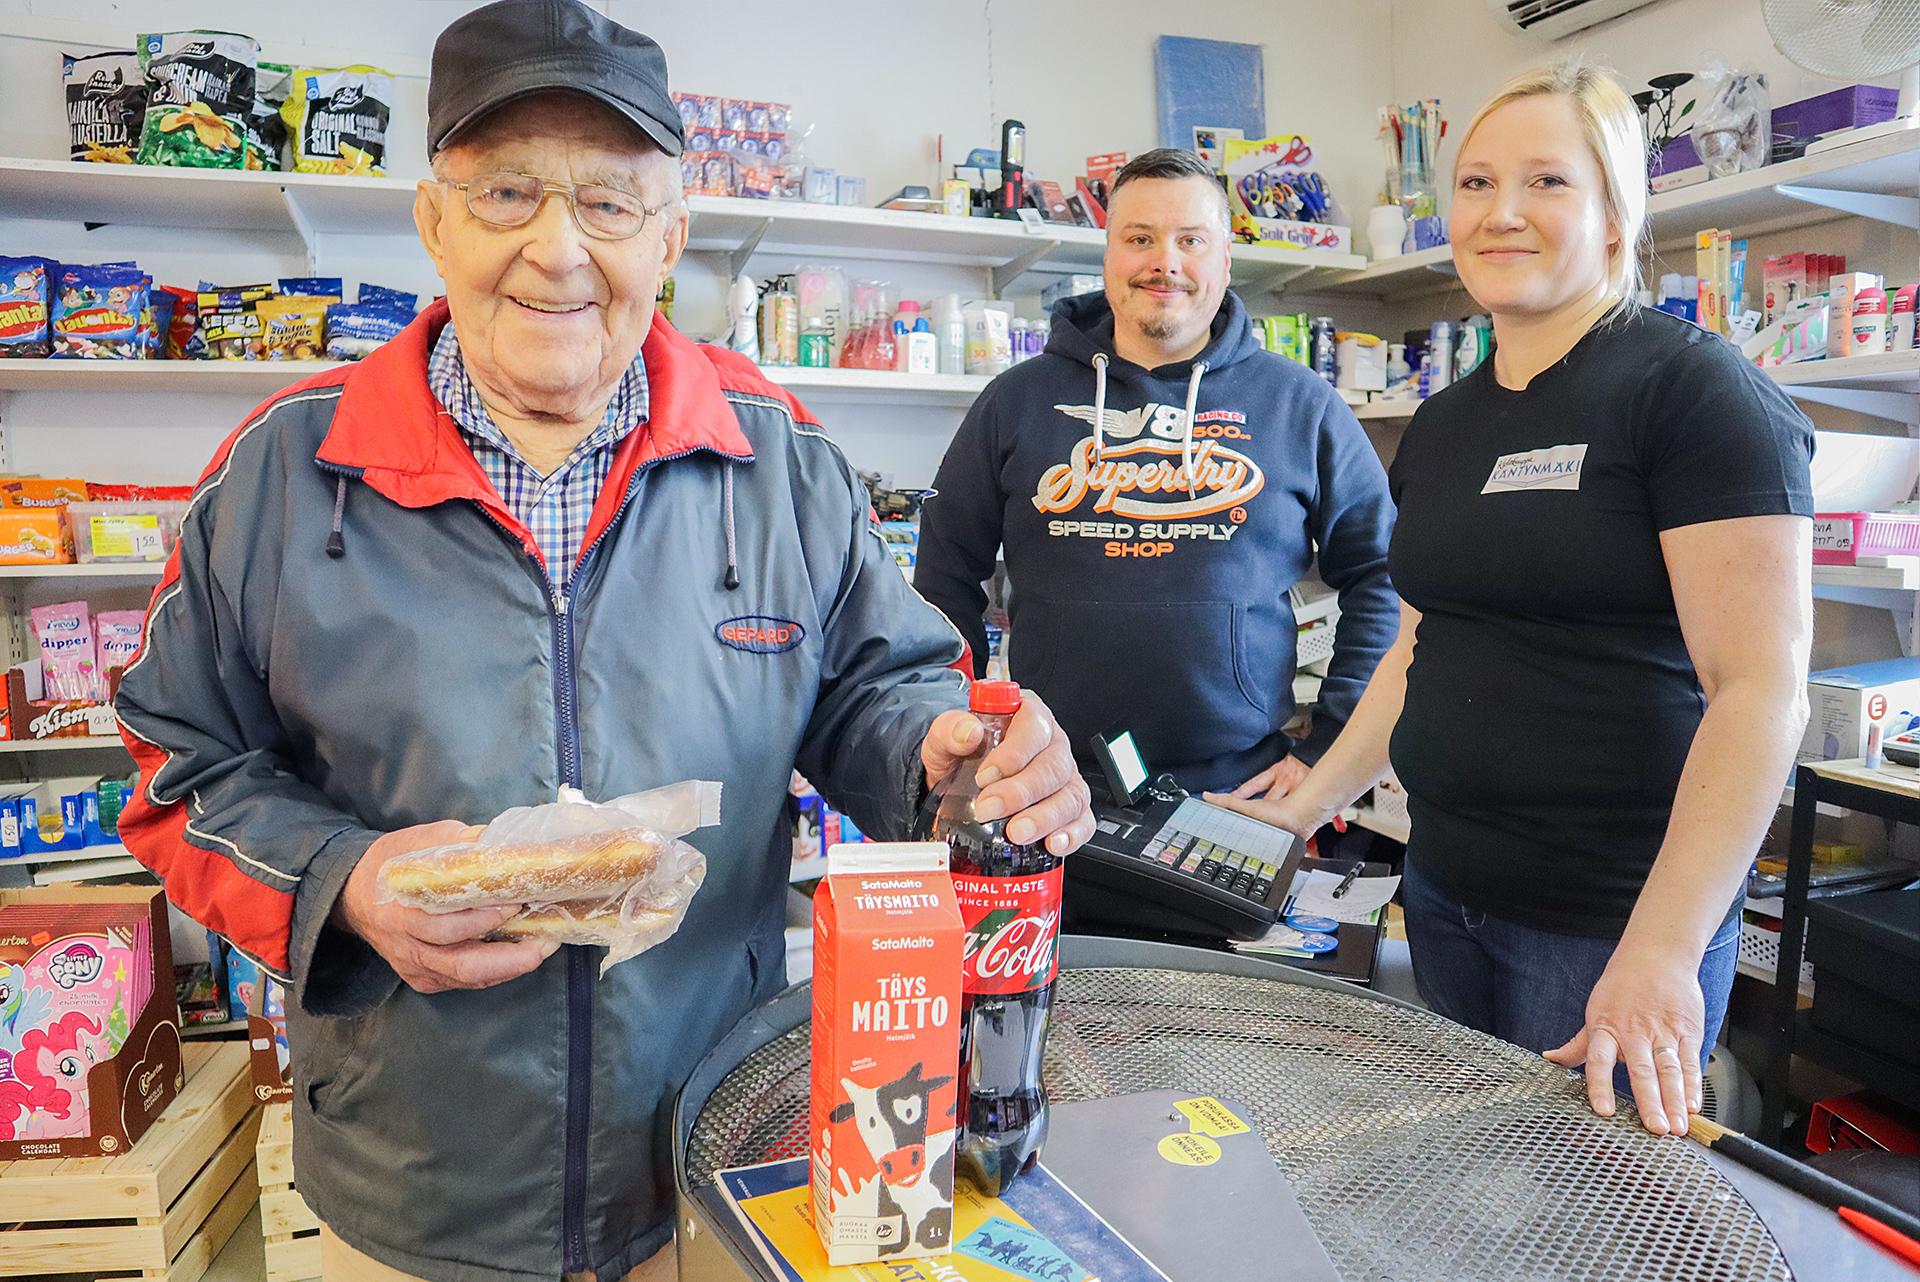 Paavo on Kyläkauppa Käntynmäen päivän piristys, sanovat kauppiaspariskunta Antti ja Saija Heiniluoma. Kaksi kertaa päivässä asioivan Paavon ostoslistalle kuuluvat 1,5 litran Coca-Cola, punainen maito, pullaa, ruisleipä, voipaketti ja juusto. Paavo myös lottoaa joka lauantai – koskaan ei ole jäänyt väliin.